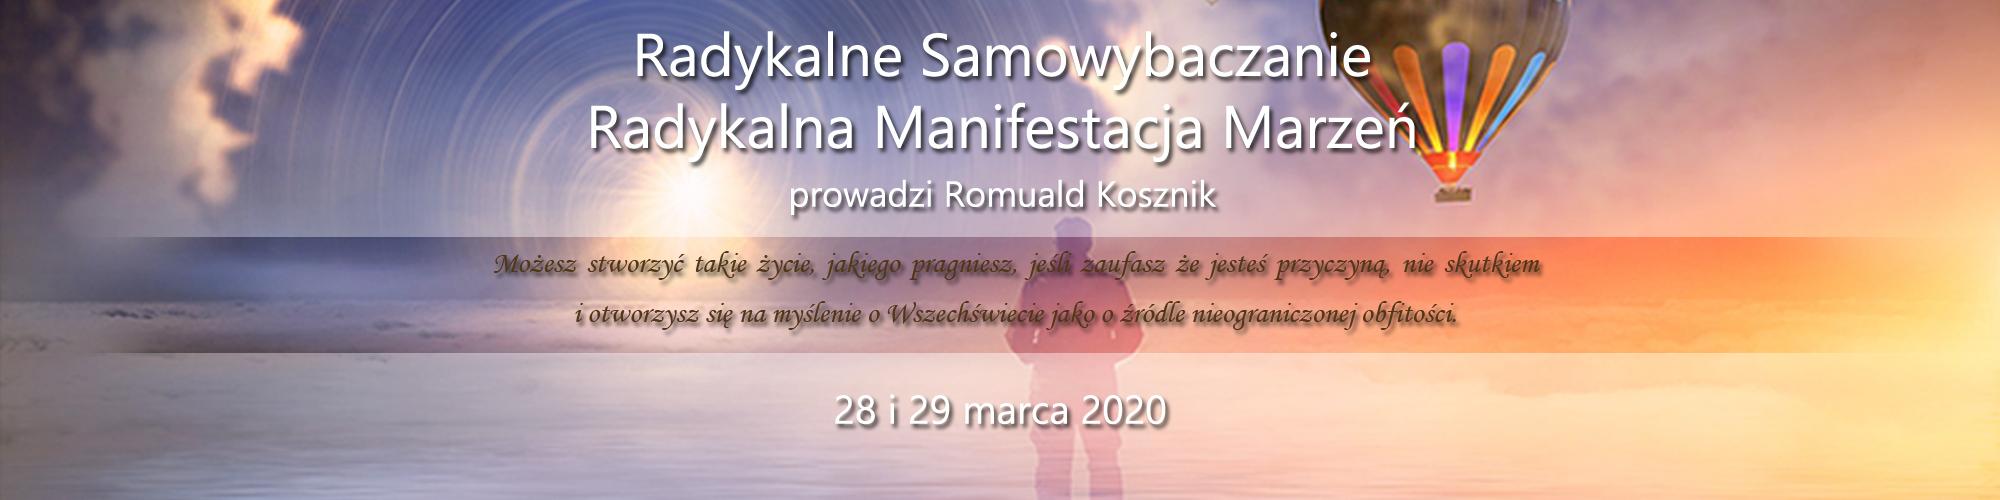 manifestacjamarzen1-banner